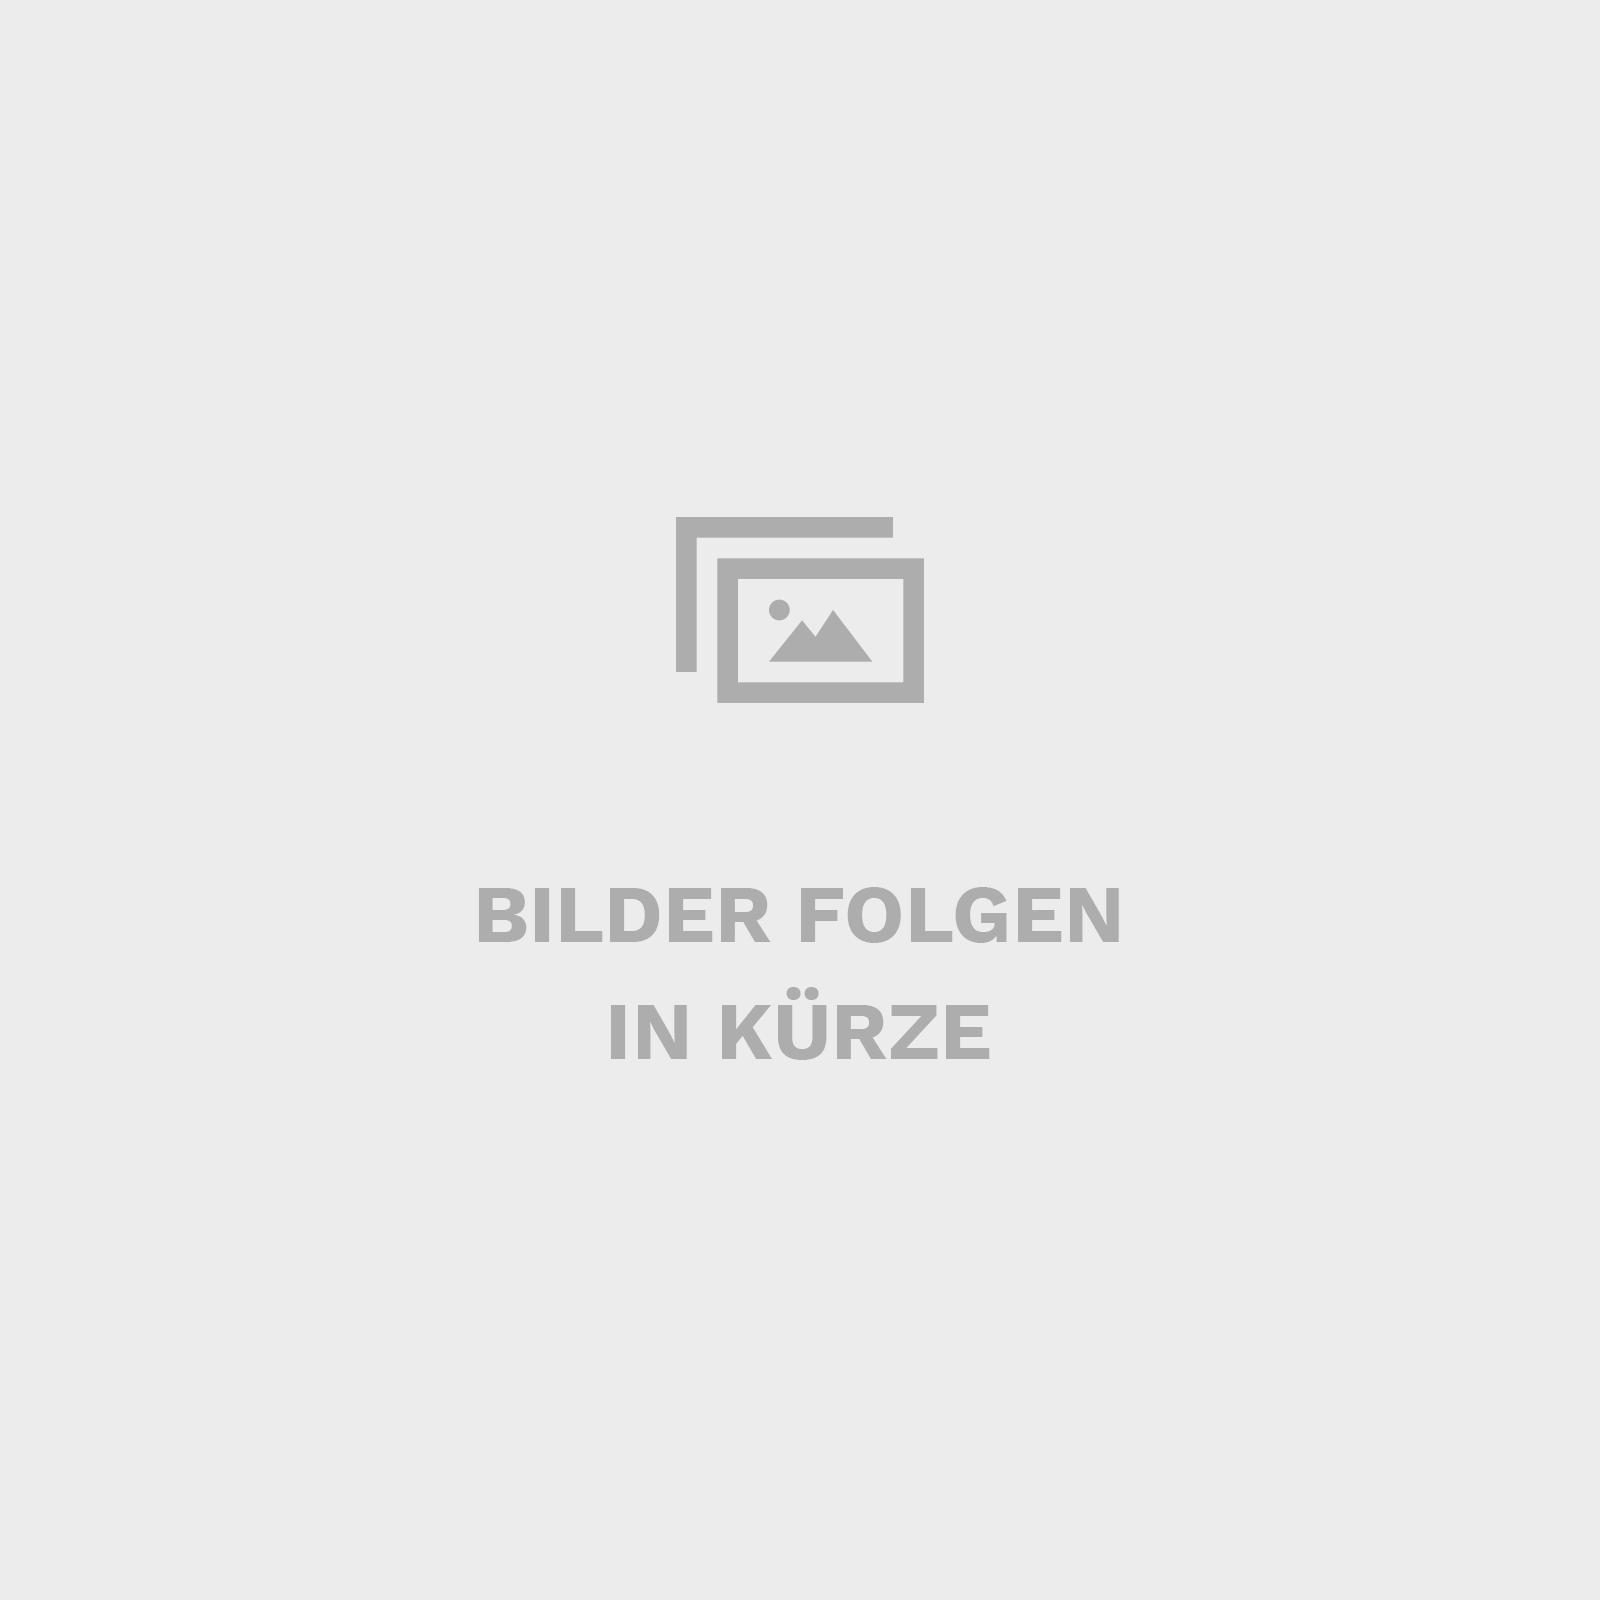 Curling Ceiling - glasklar/ Reflektor zylindrisch opal - in der Küche